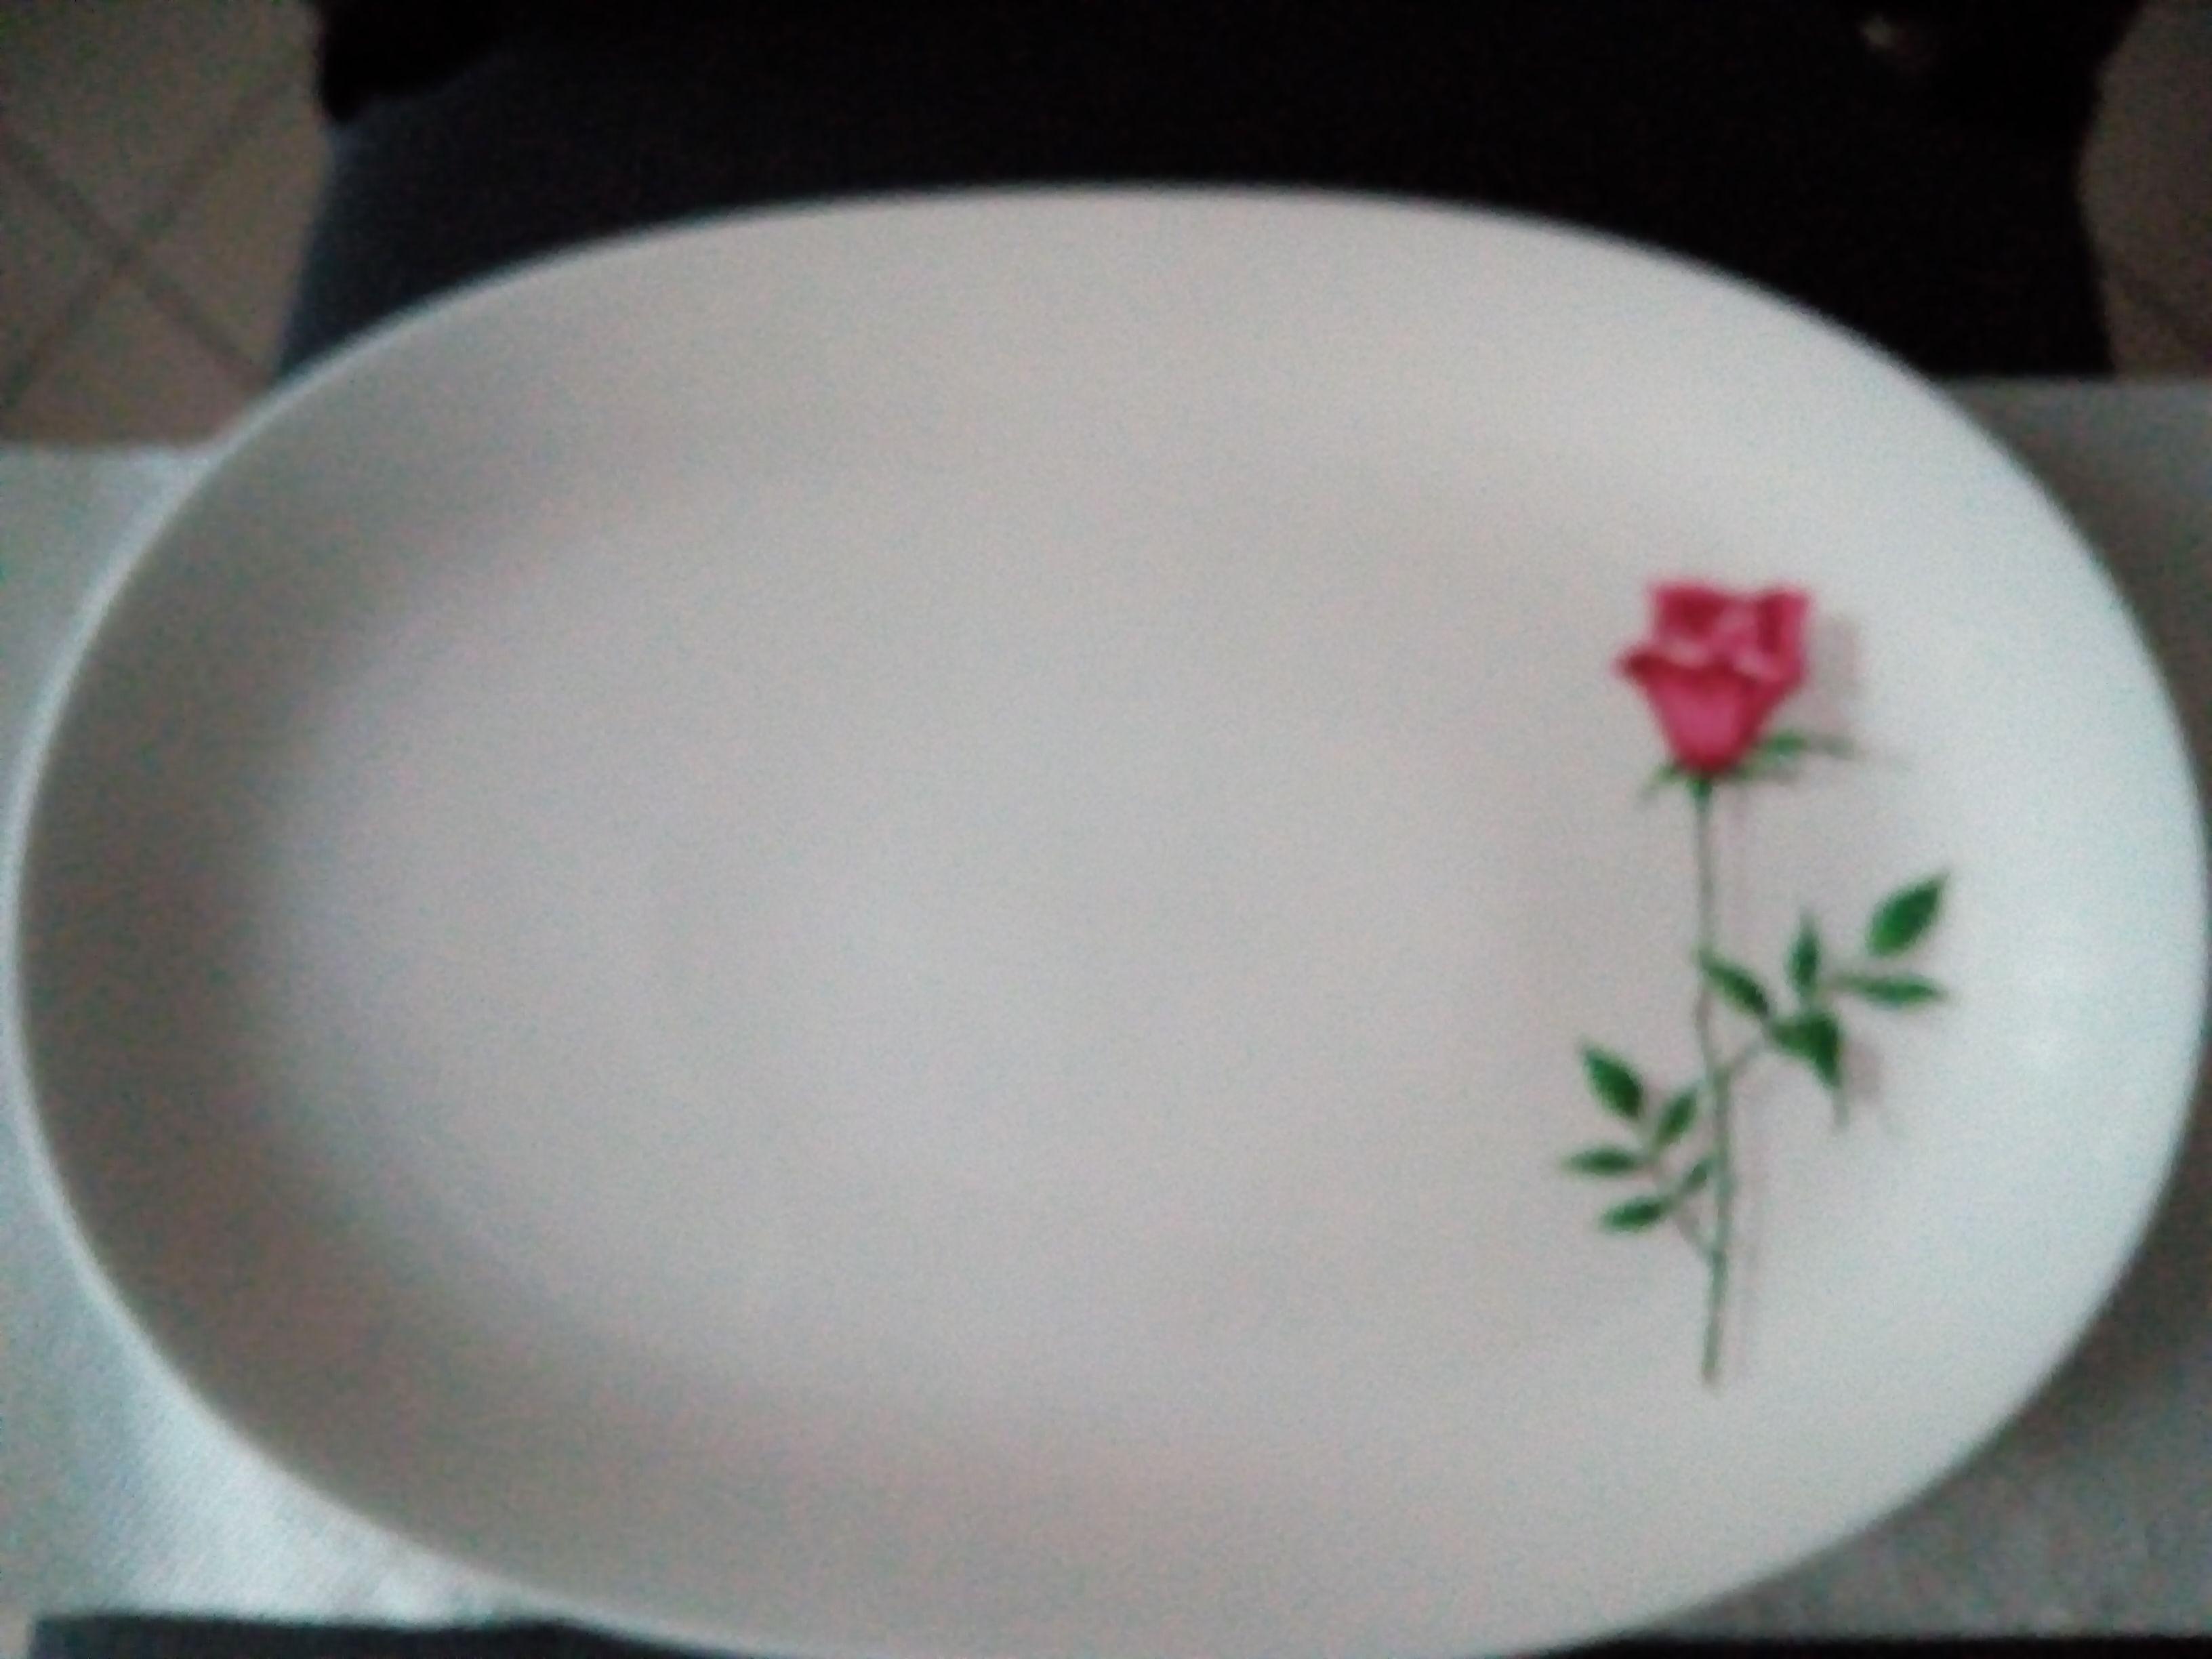 Plat ovale en porcelaine de Bavière  10 Savigny-sur-Orge (91)